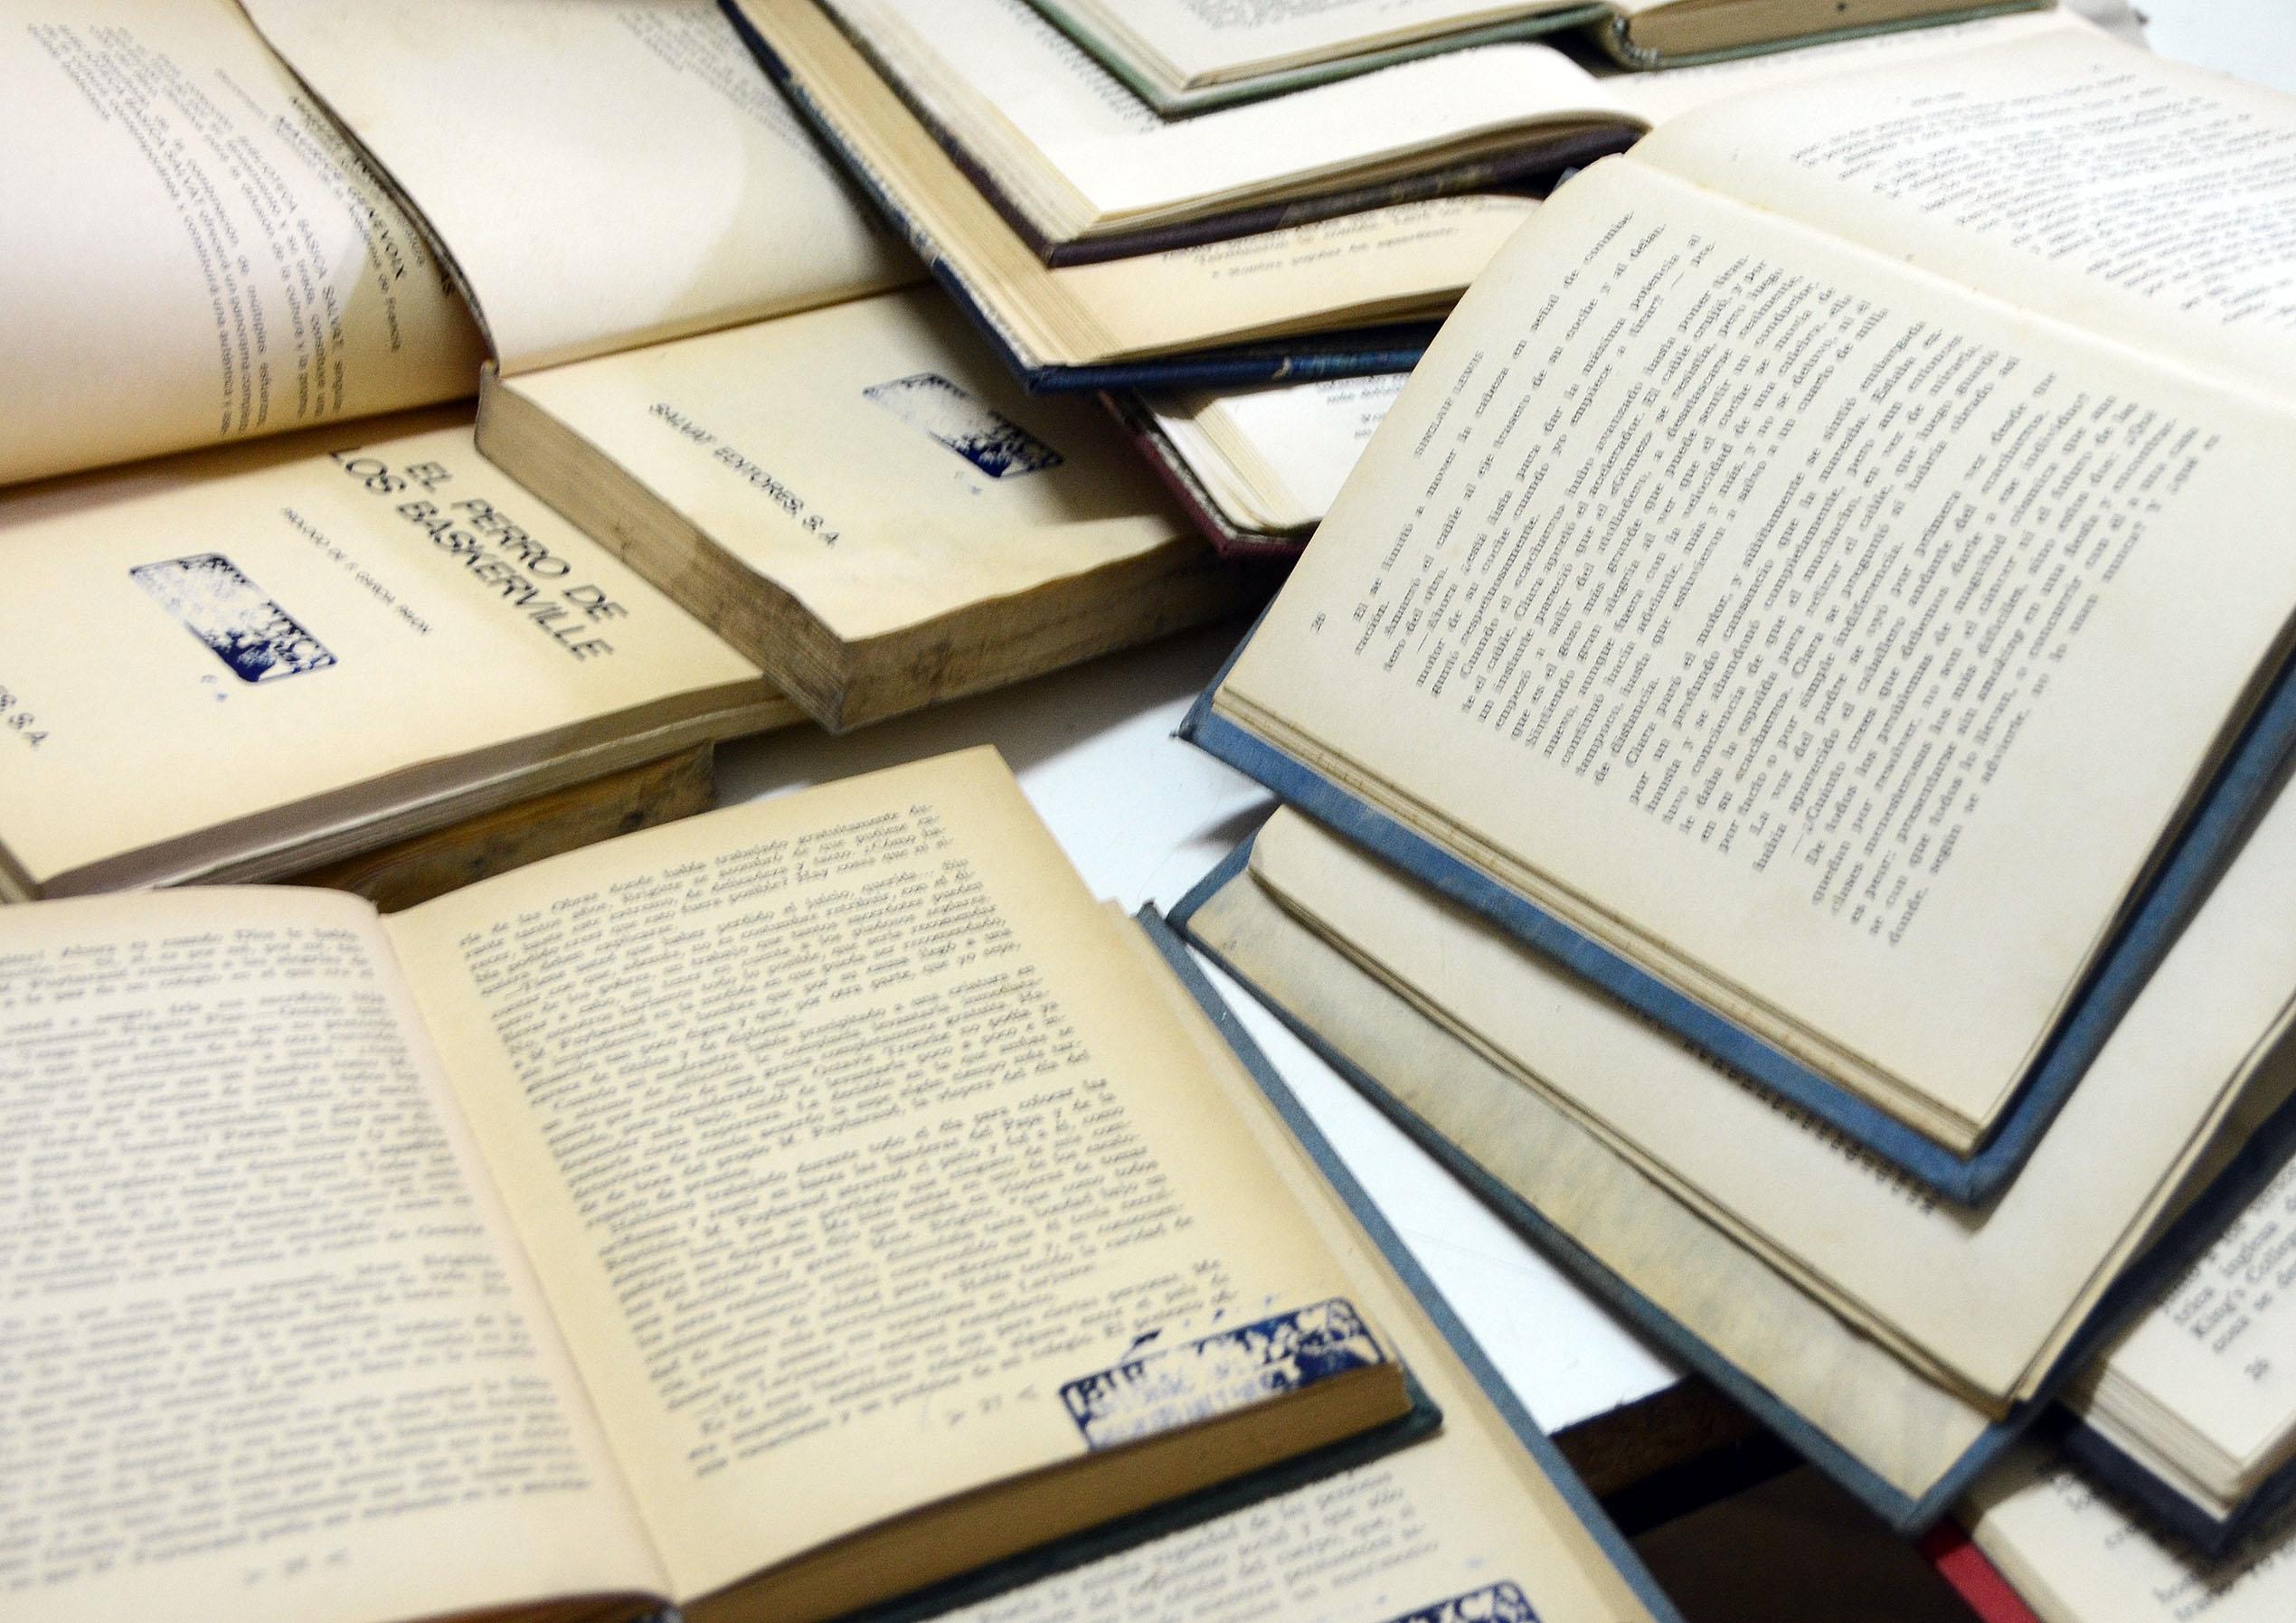 PRONTA REINAGURACIÓN DE LA BIBLIOTECA